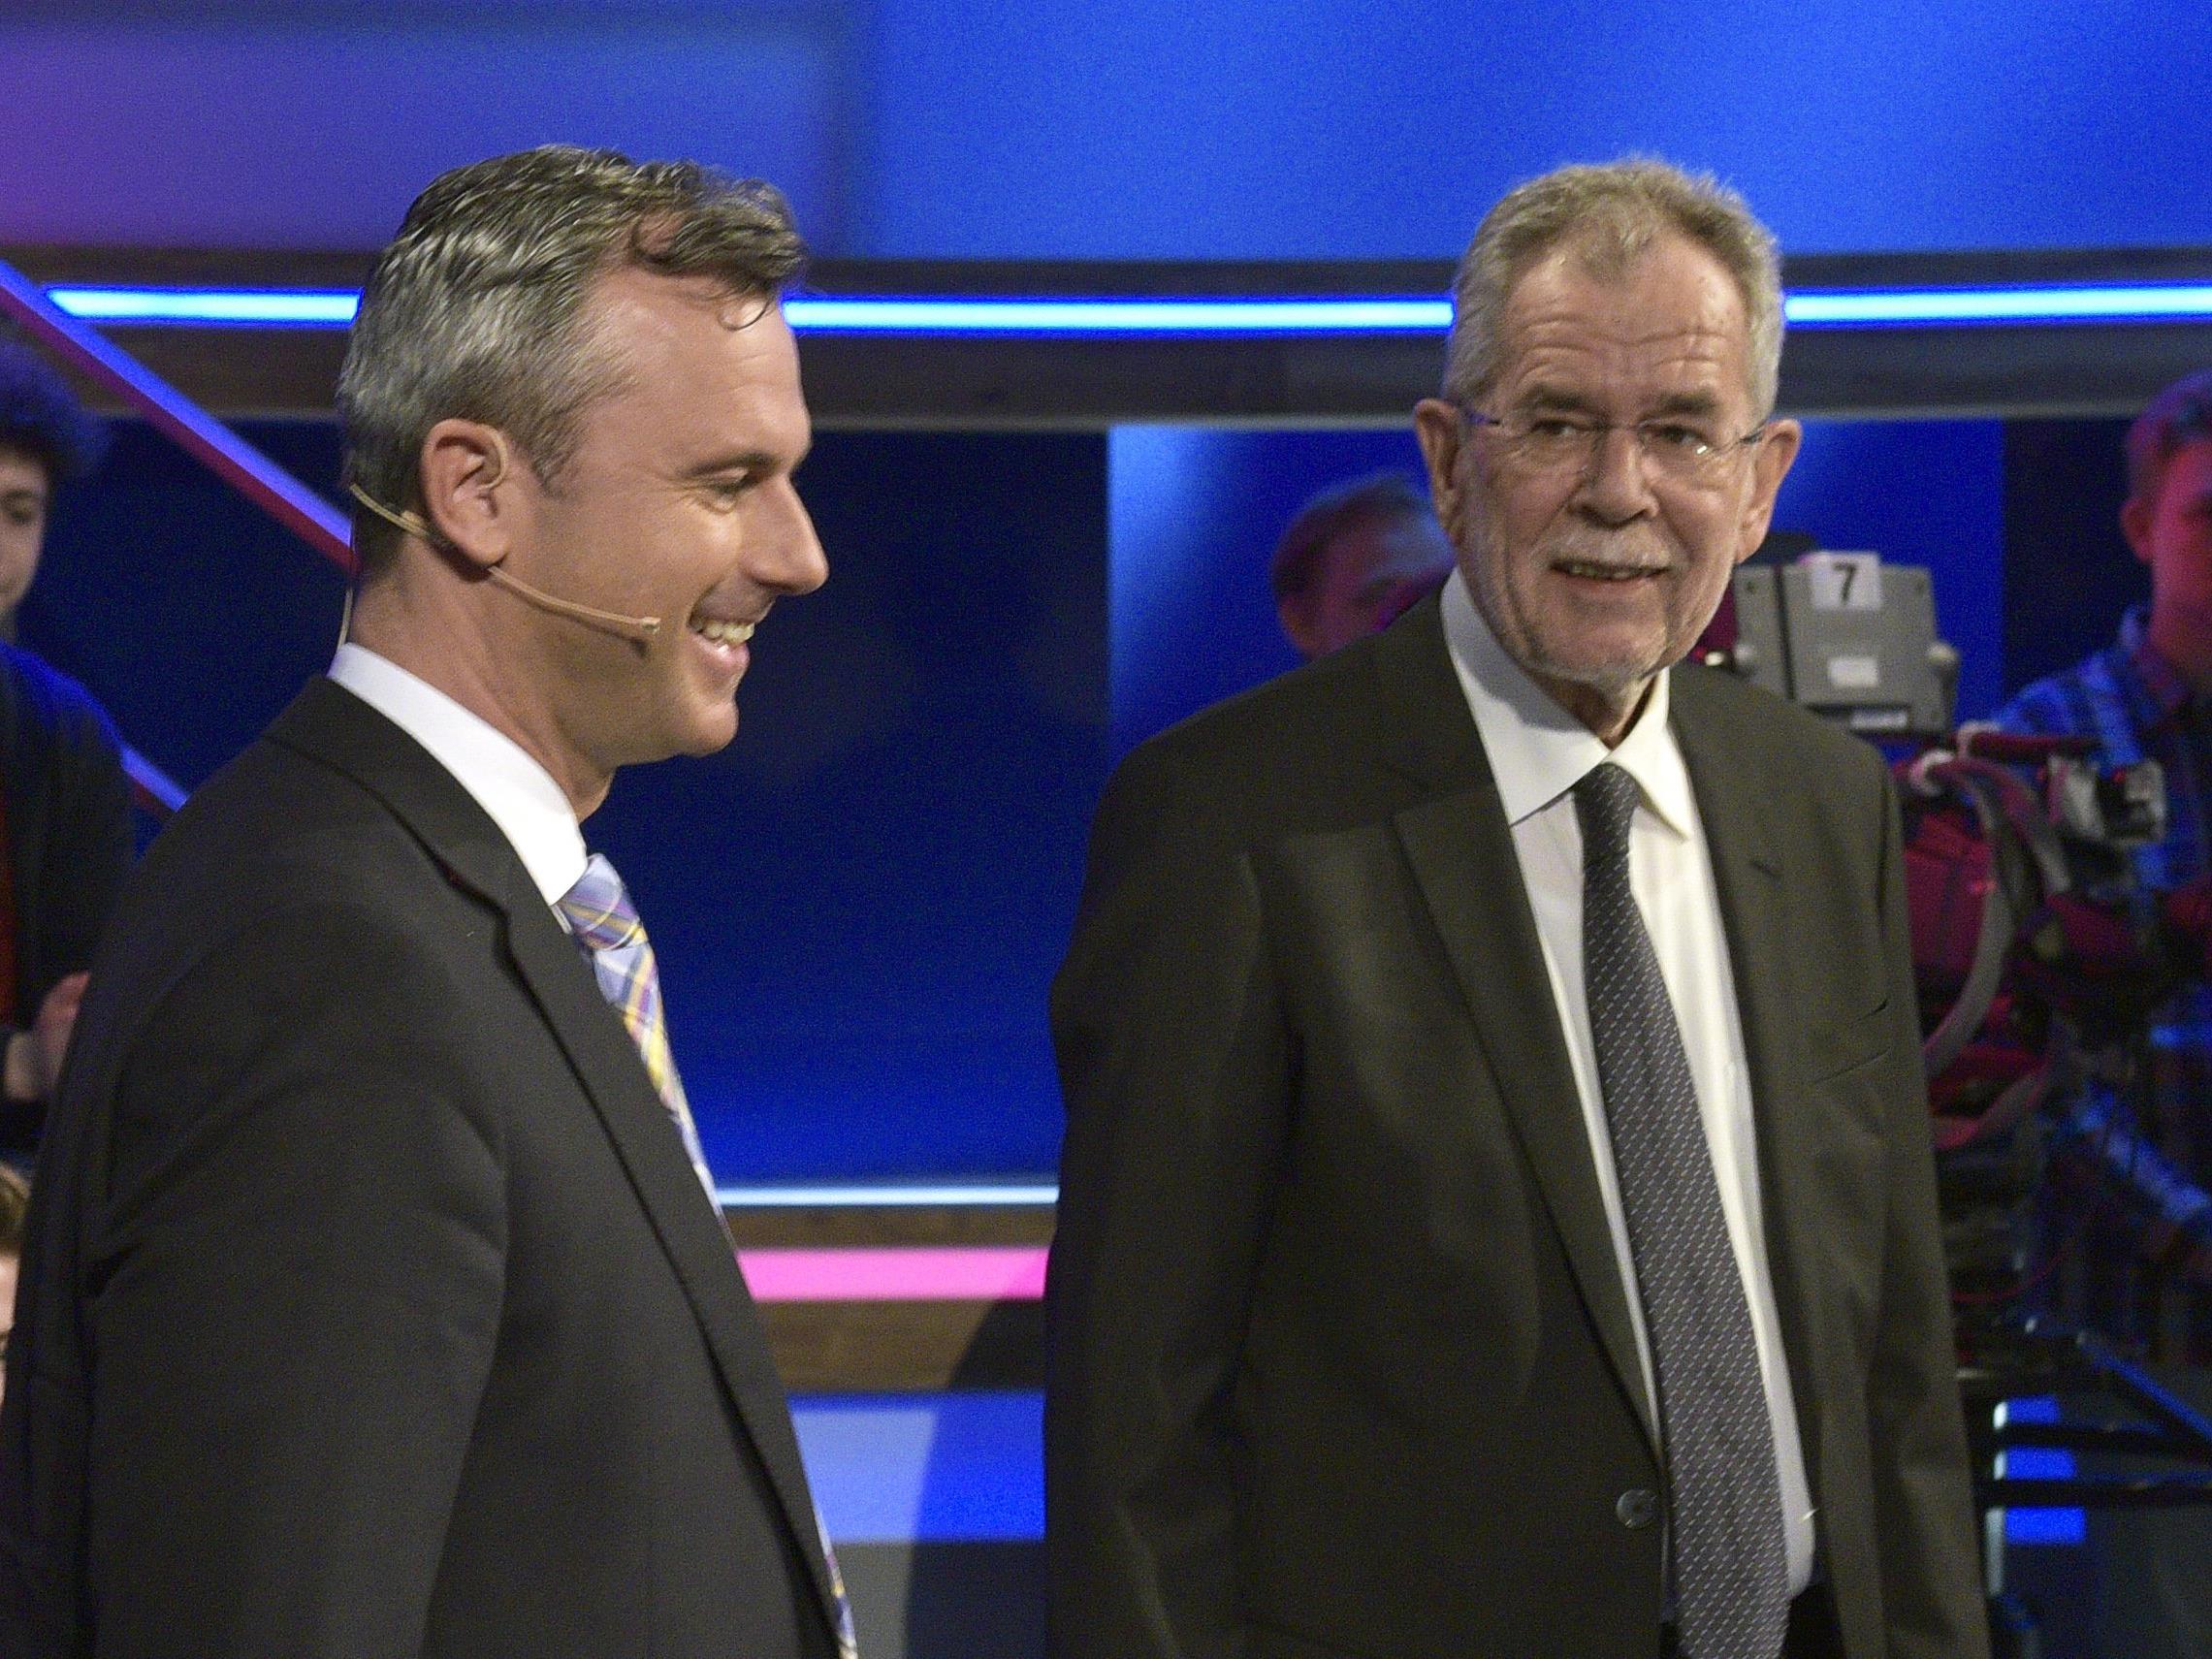 Die Präsidentschaftskandidaten Norbert Hofer und Alexander Van der Bellen.